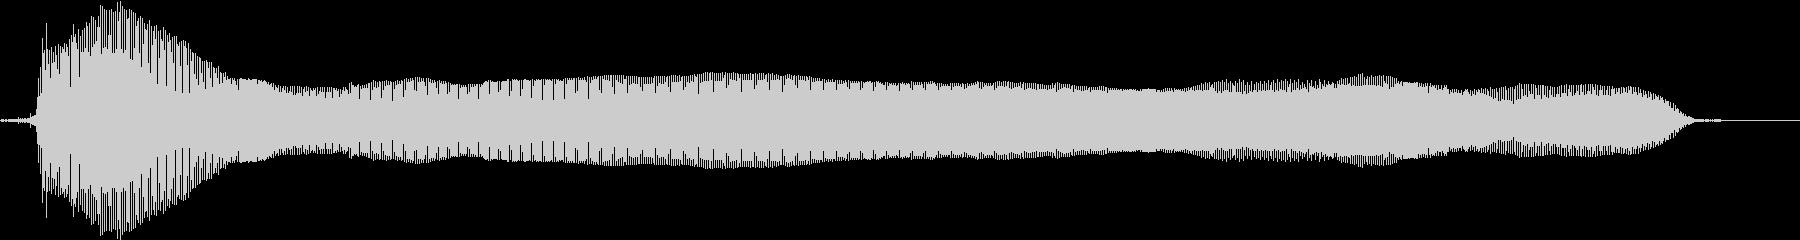 猫の鳴き声(甘えるような声 テイク2)の未再生の波形